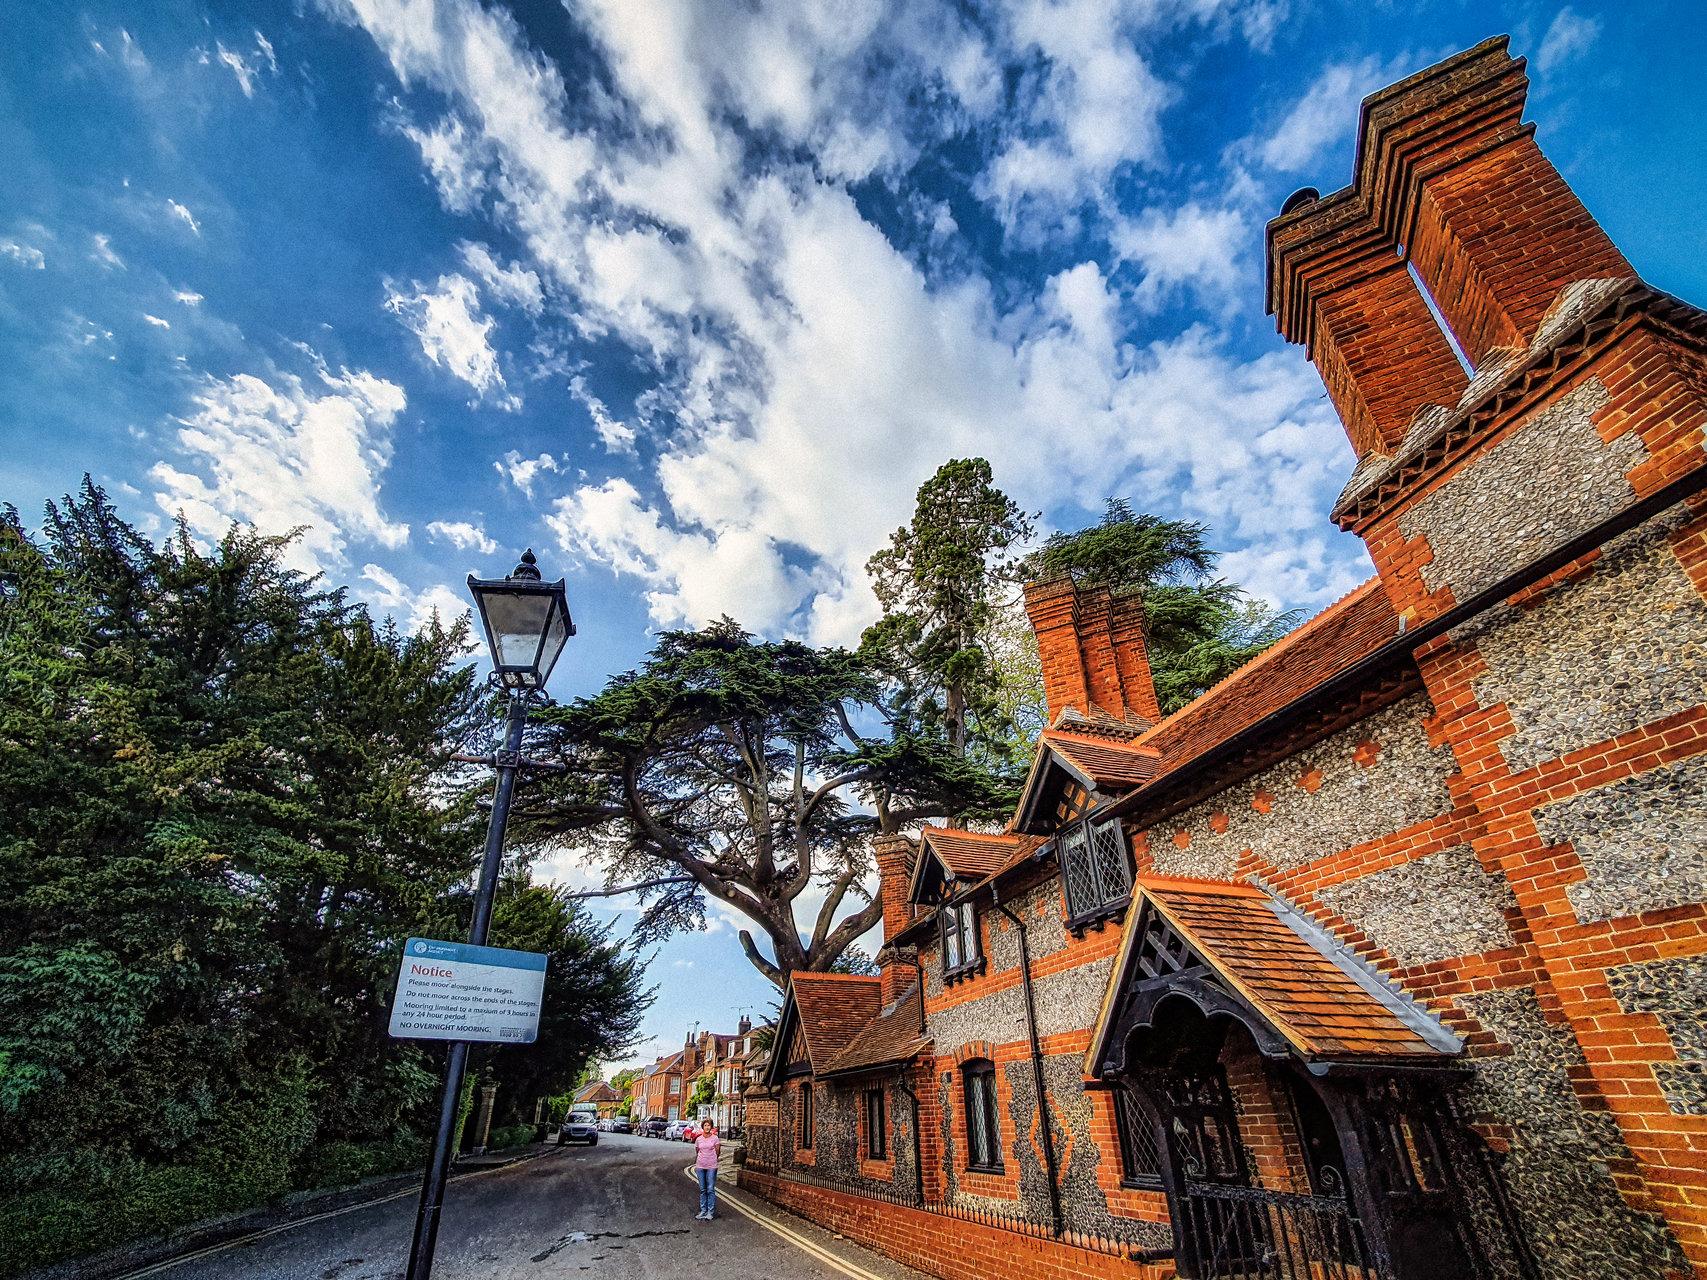 Малко градче край реката... | Author Владимир Димитров - nyamago | PHOTO FORUM